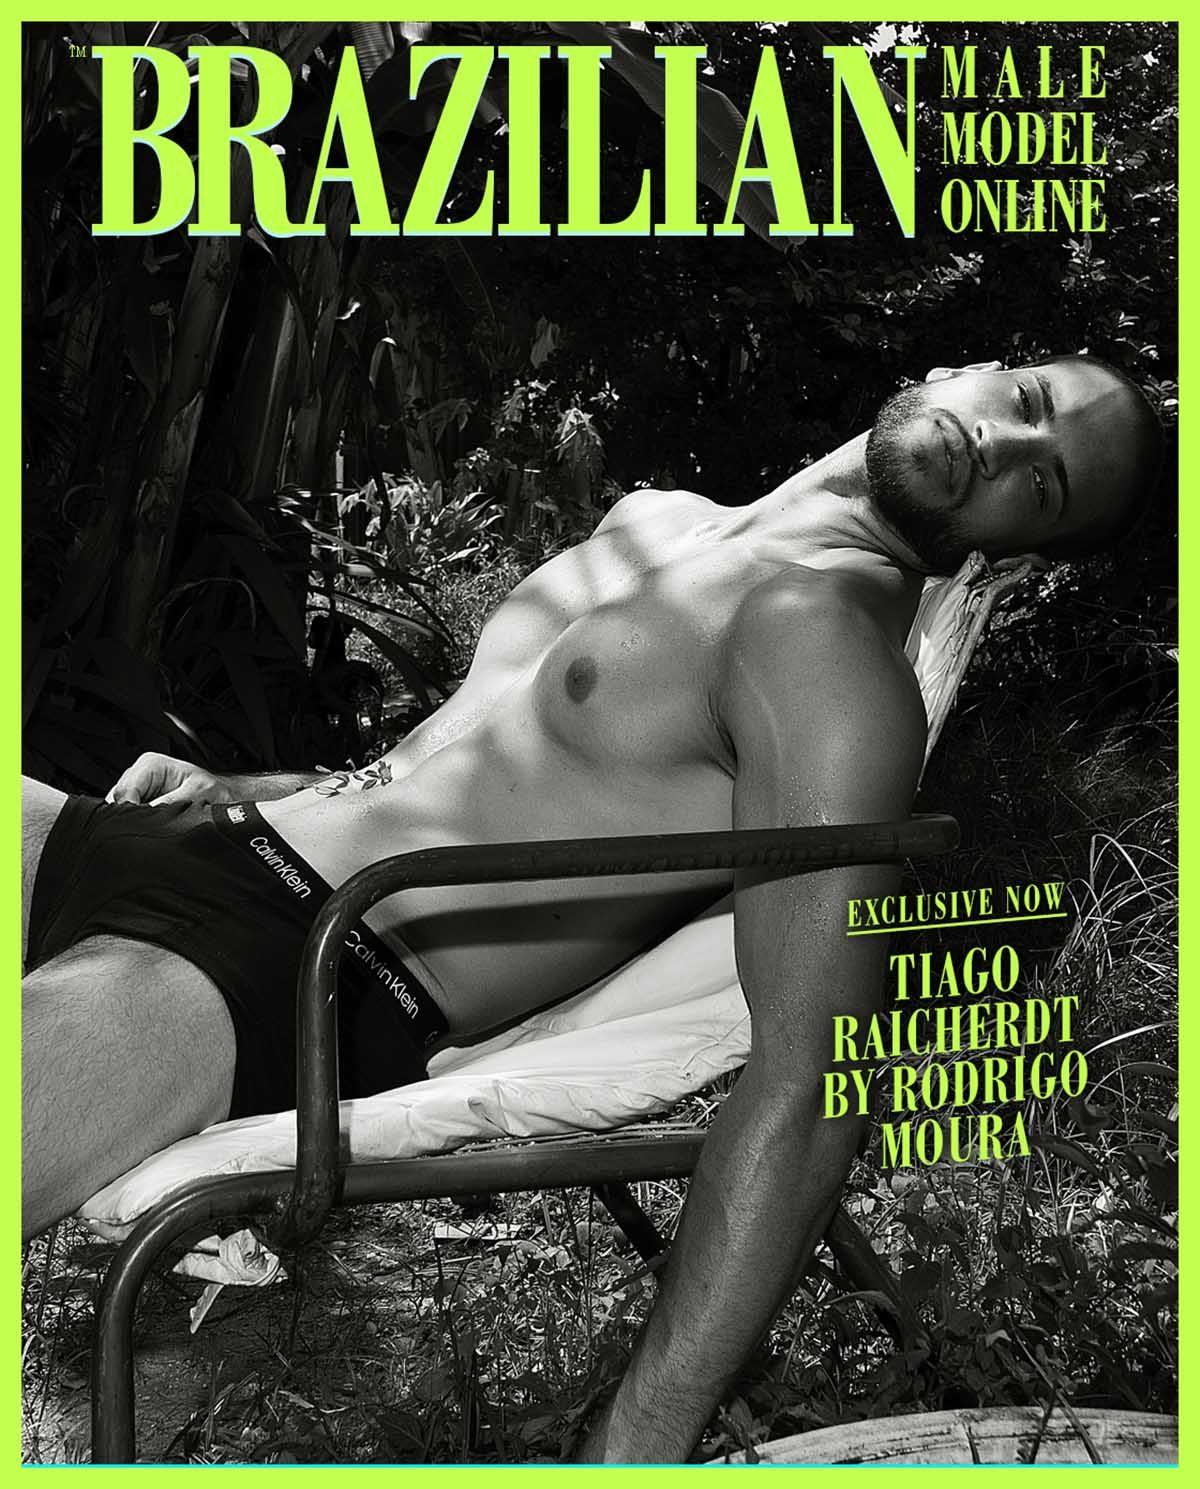 Tiago Raicherdt by Rodrigo Moura